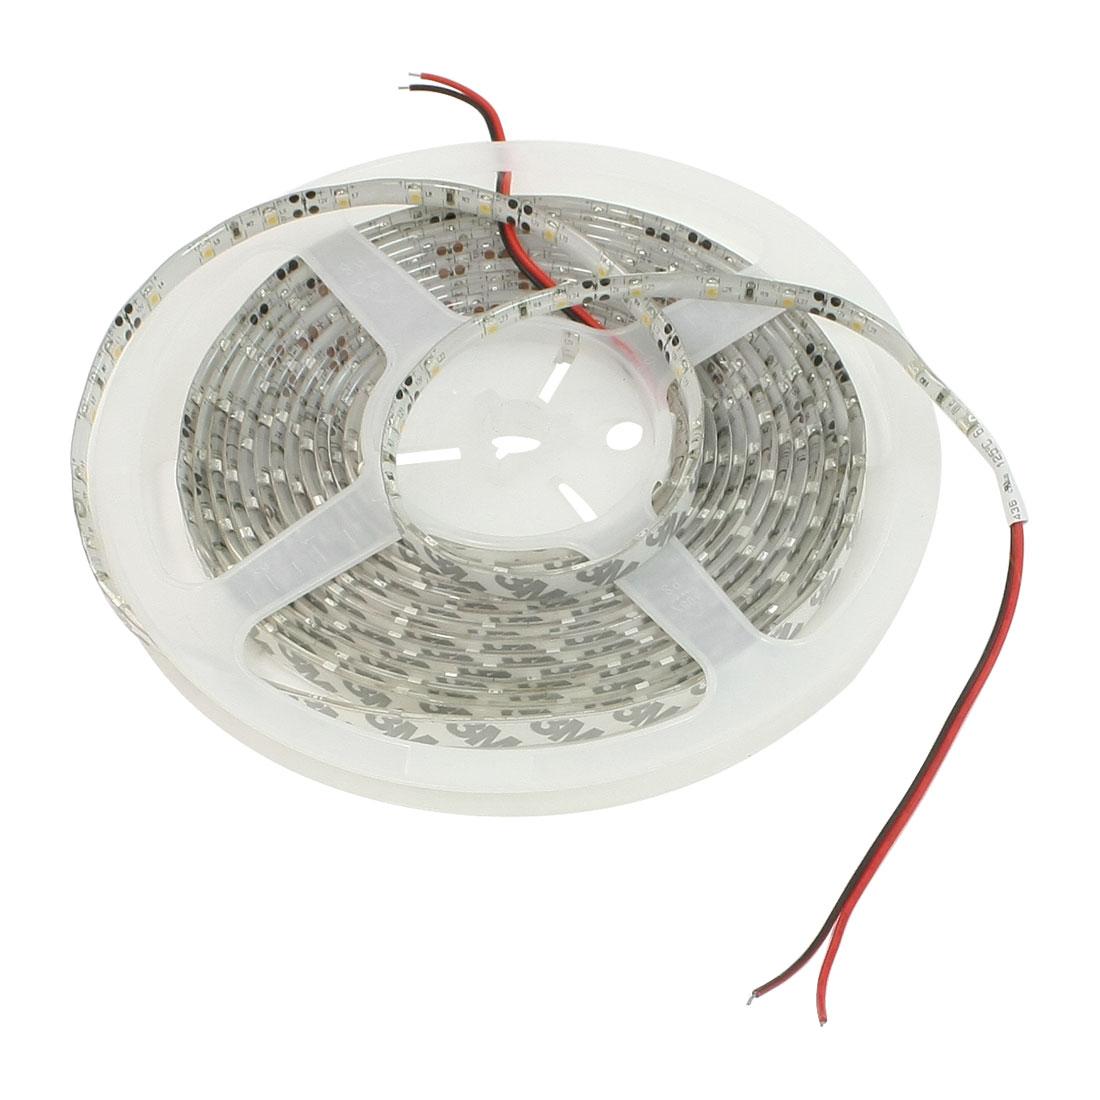 Warm White Light DC 12V 3528 SMD 300 LED Bulb 5M Flexible Strip Lamp